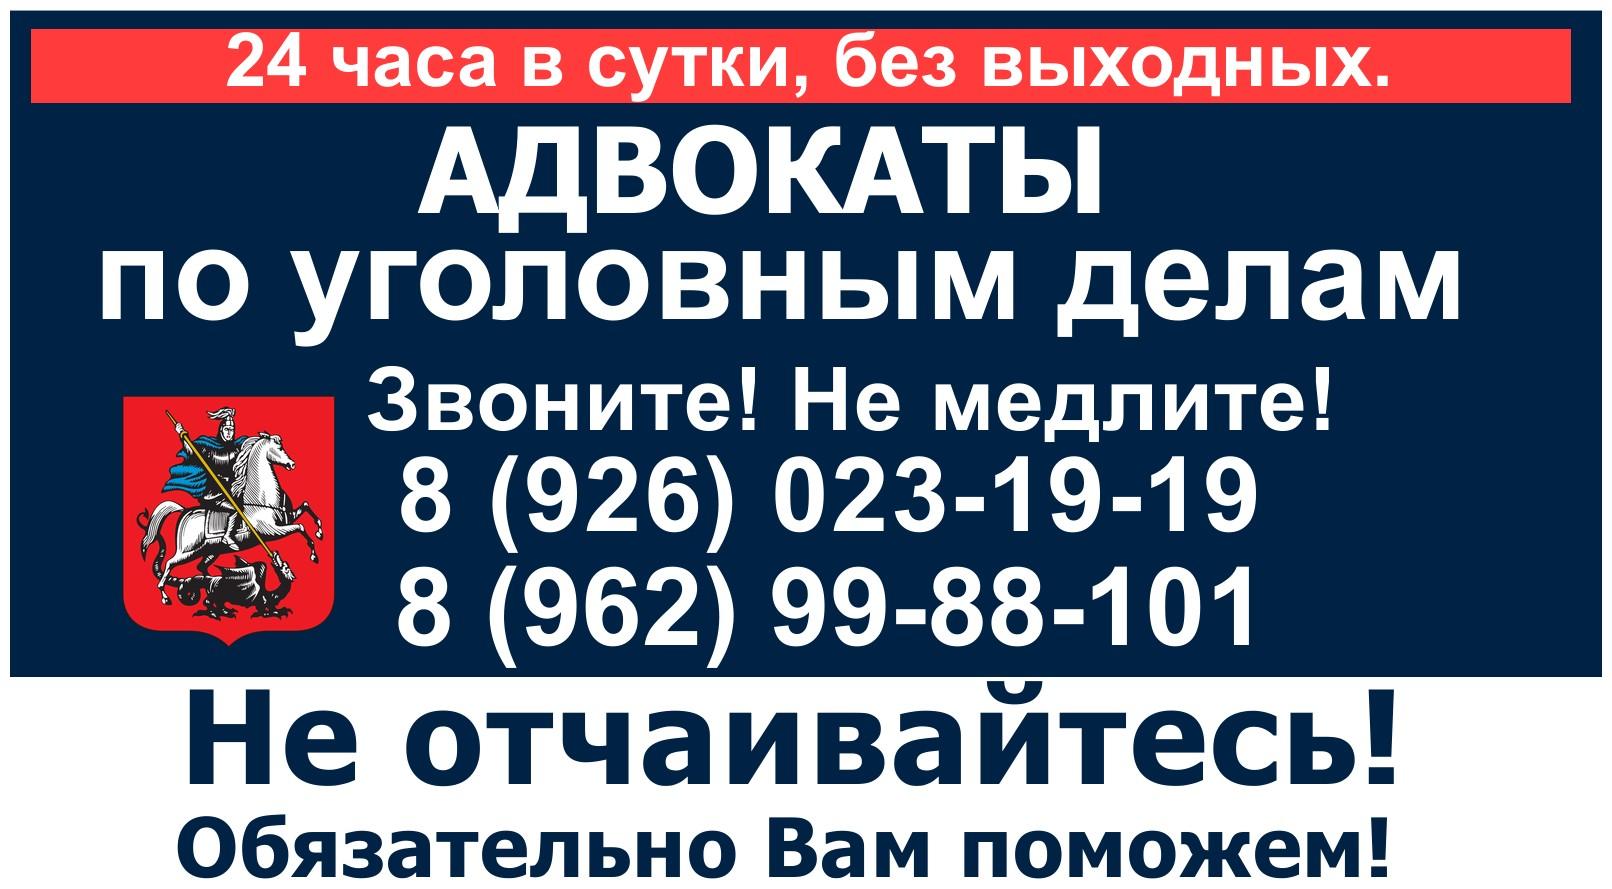 advokat_po_ugolovnym_delam.ygolovnyy_advokat_v_moskve